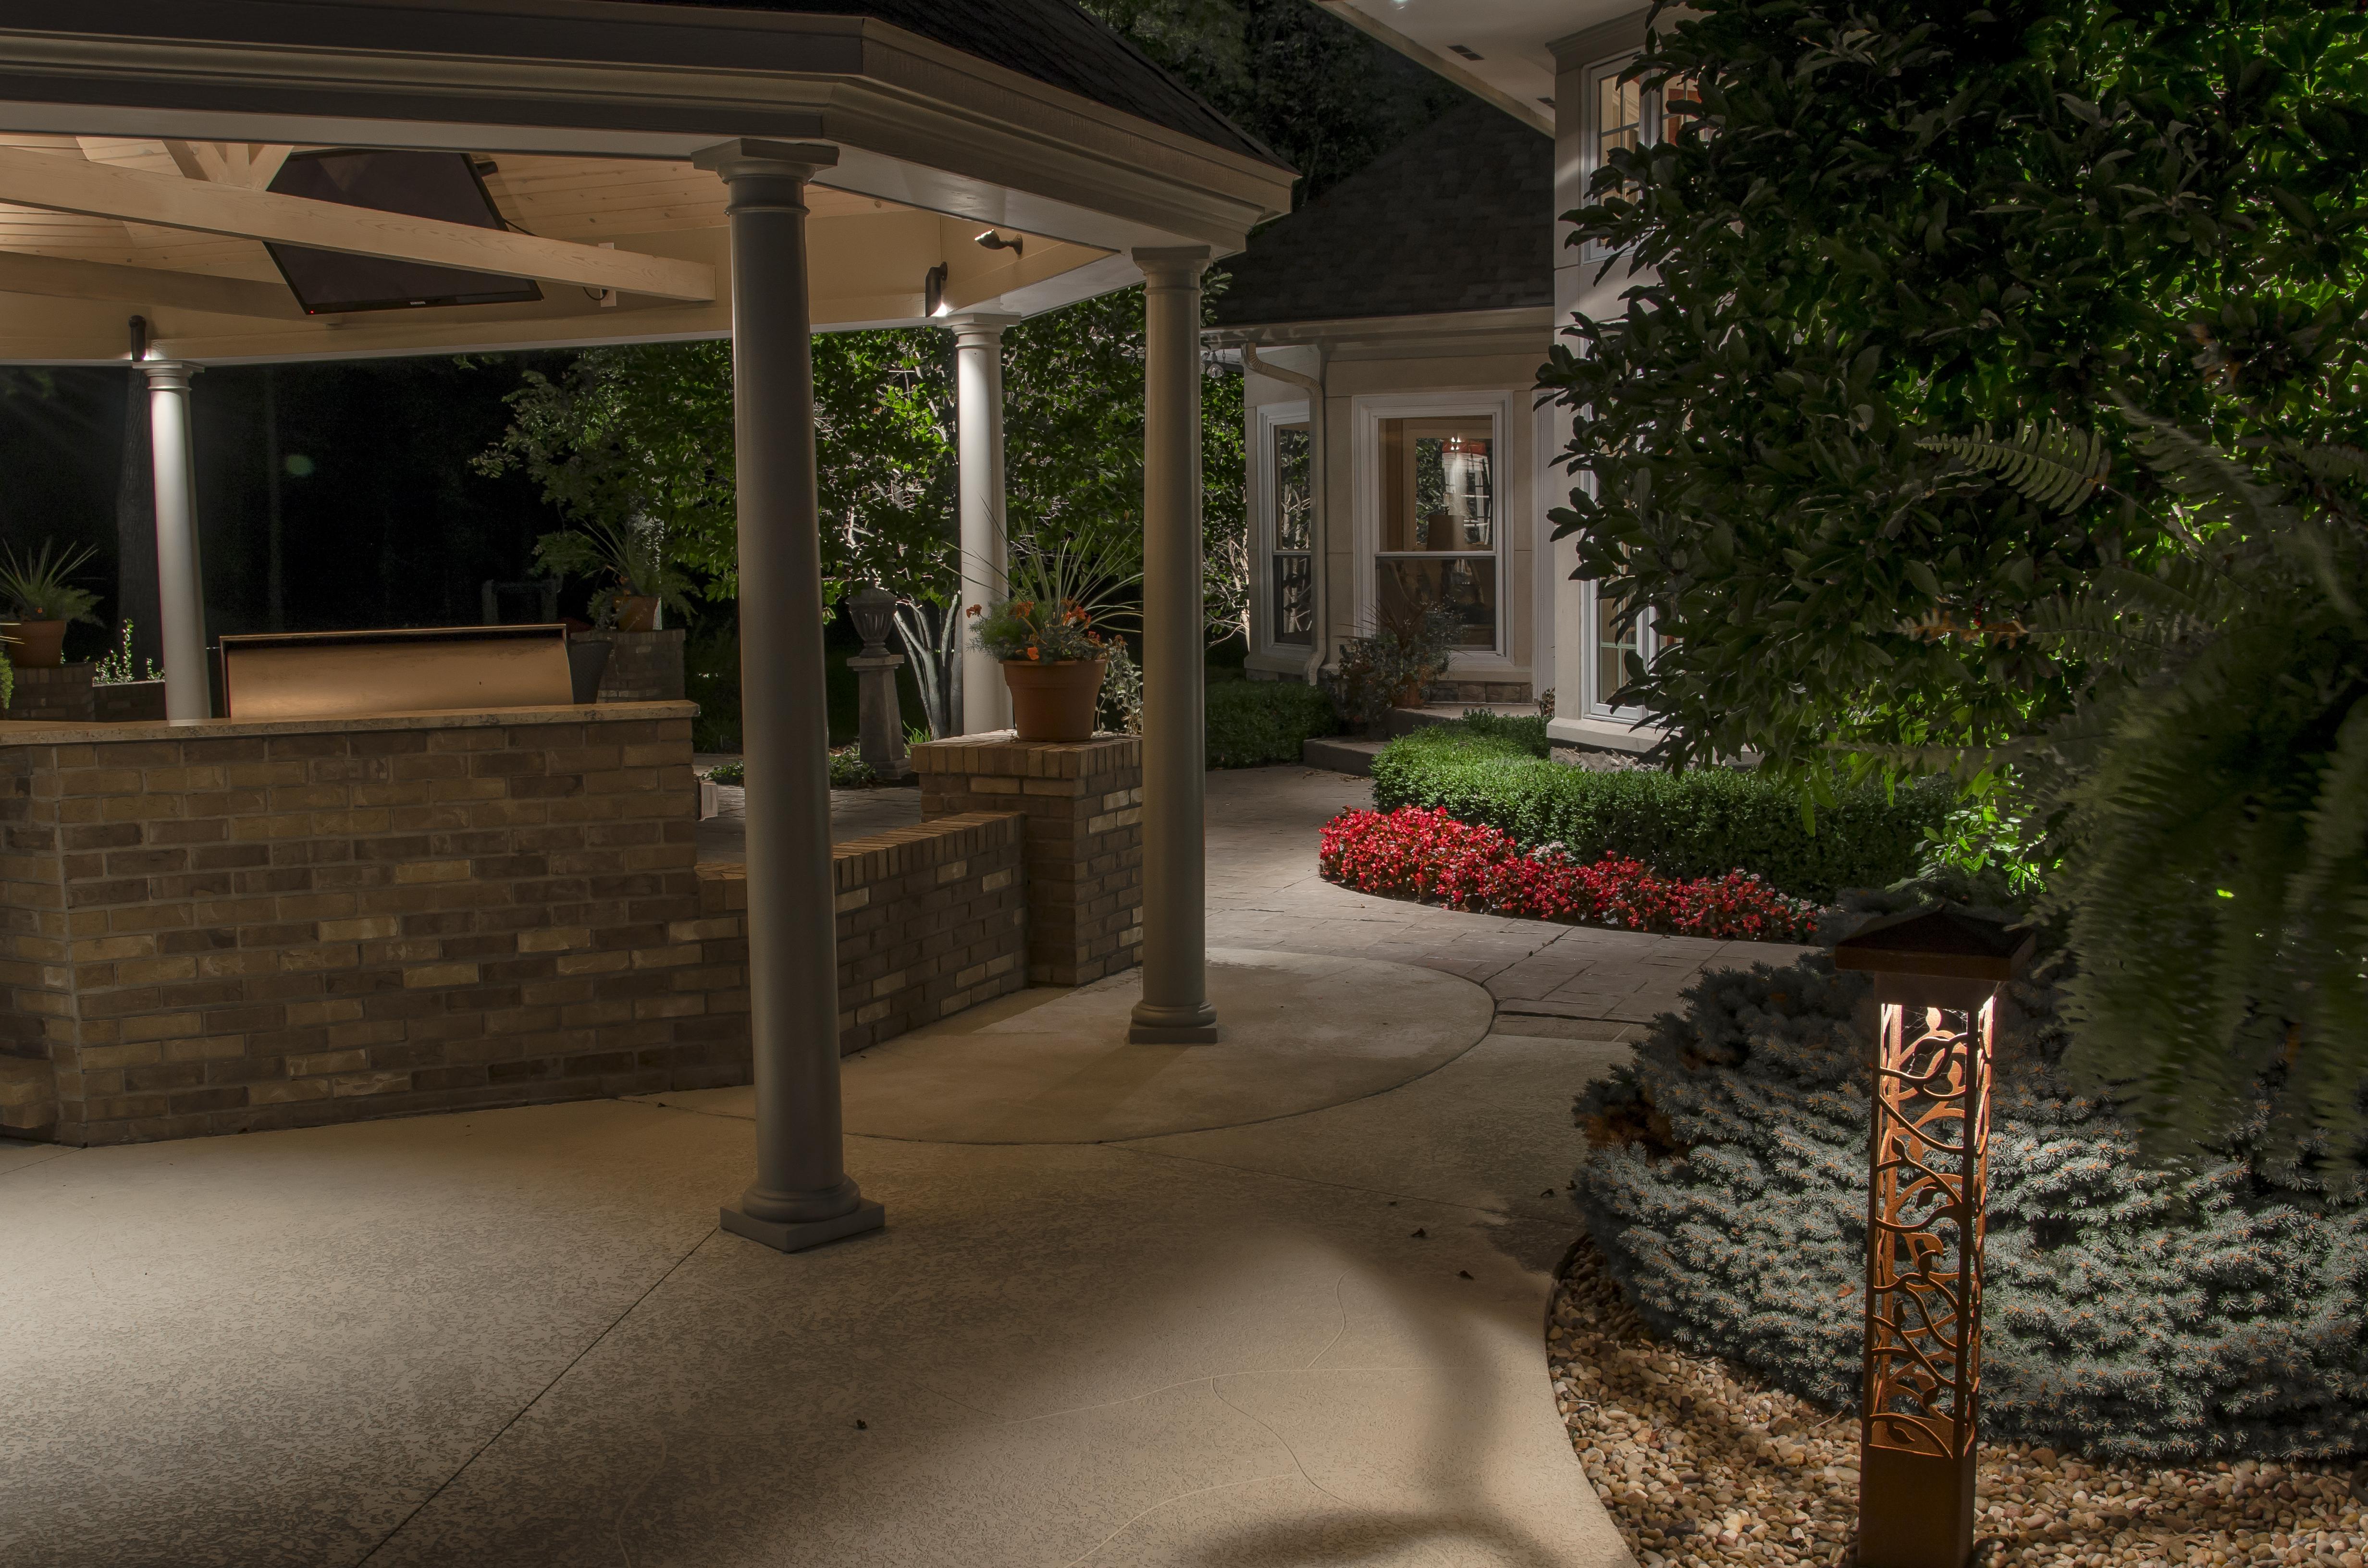 sculpture lights outdoor lighting perspectives